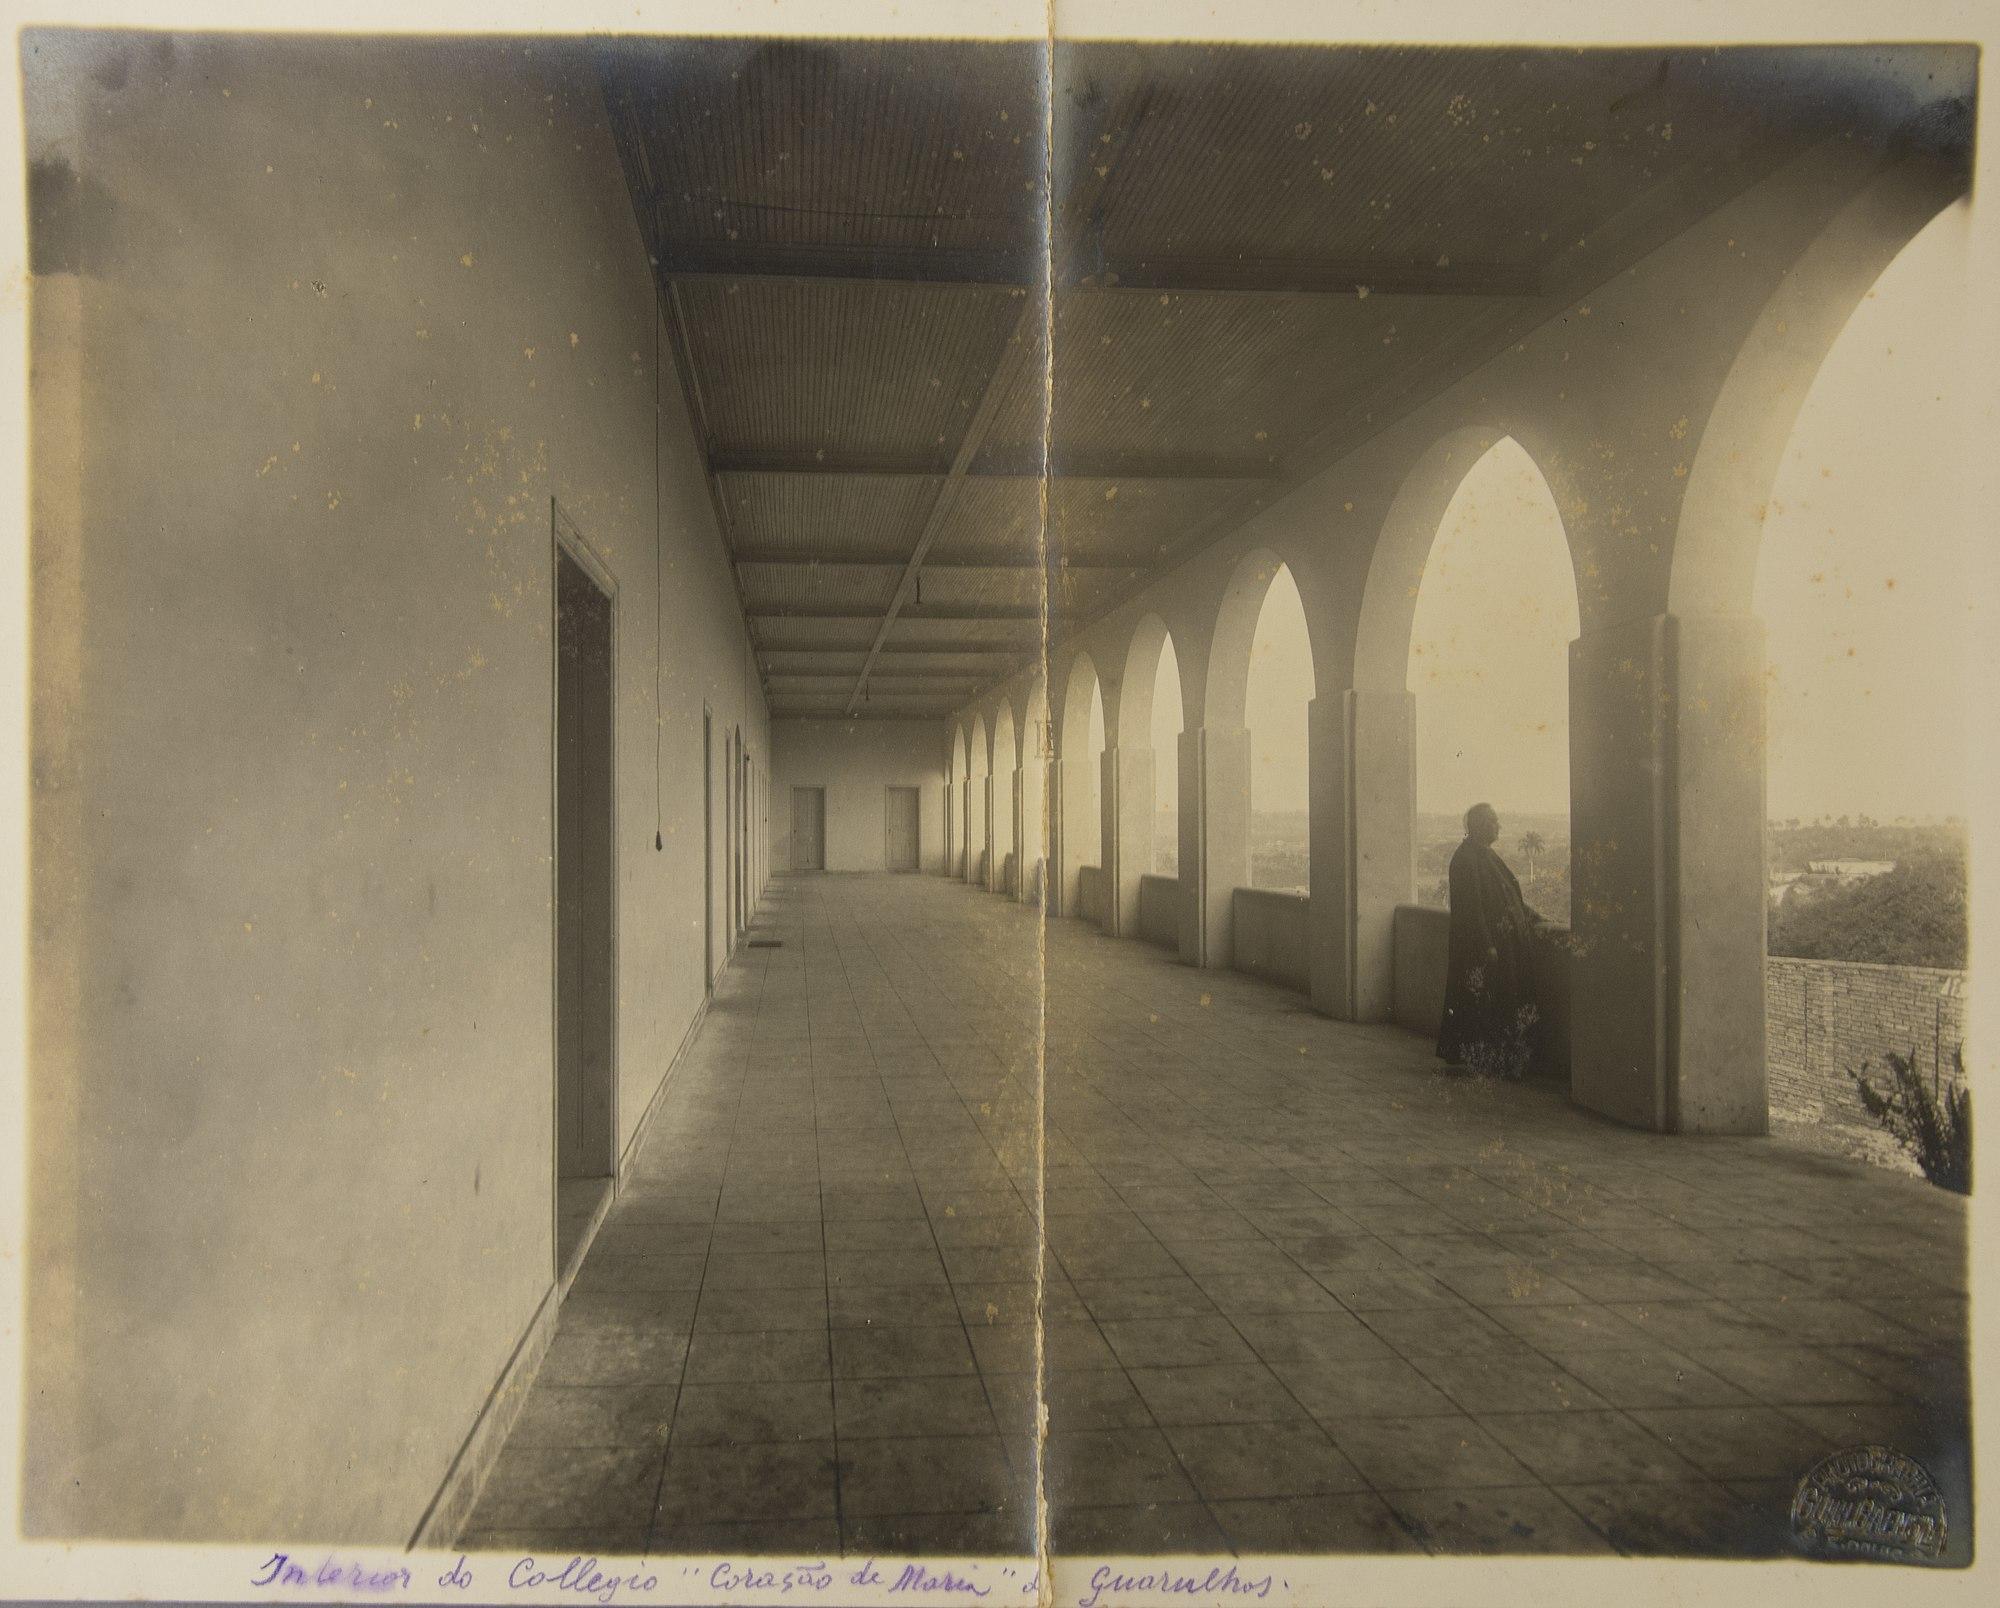 Interior do Colégio Coração de Maria de Guarulhos